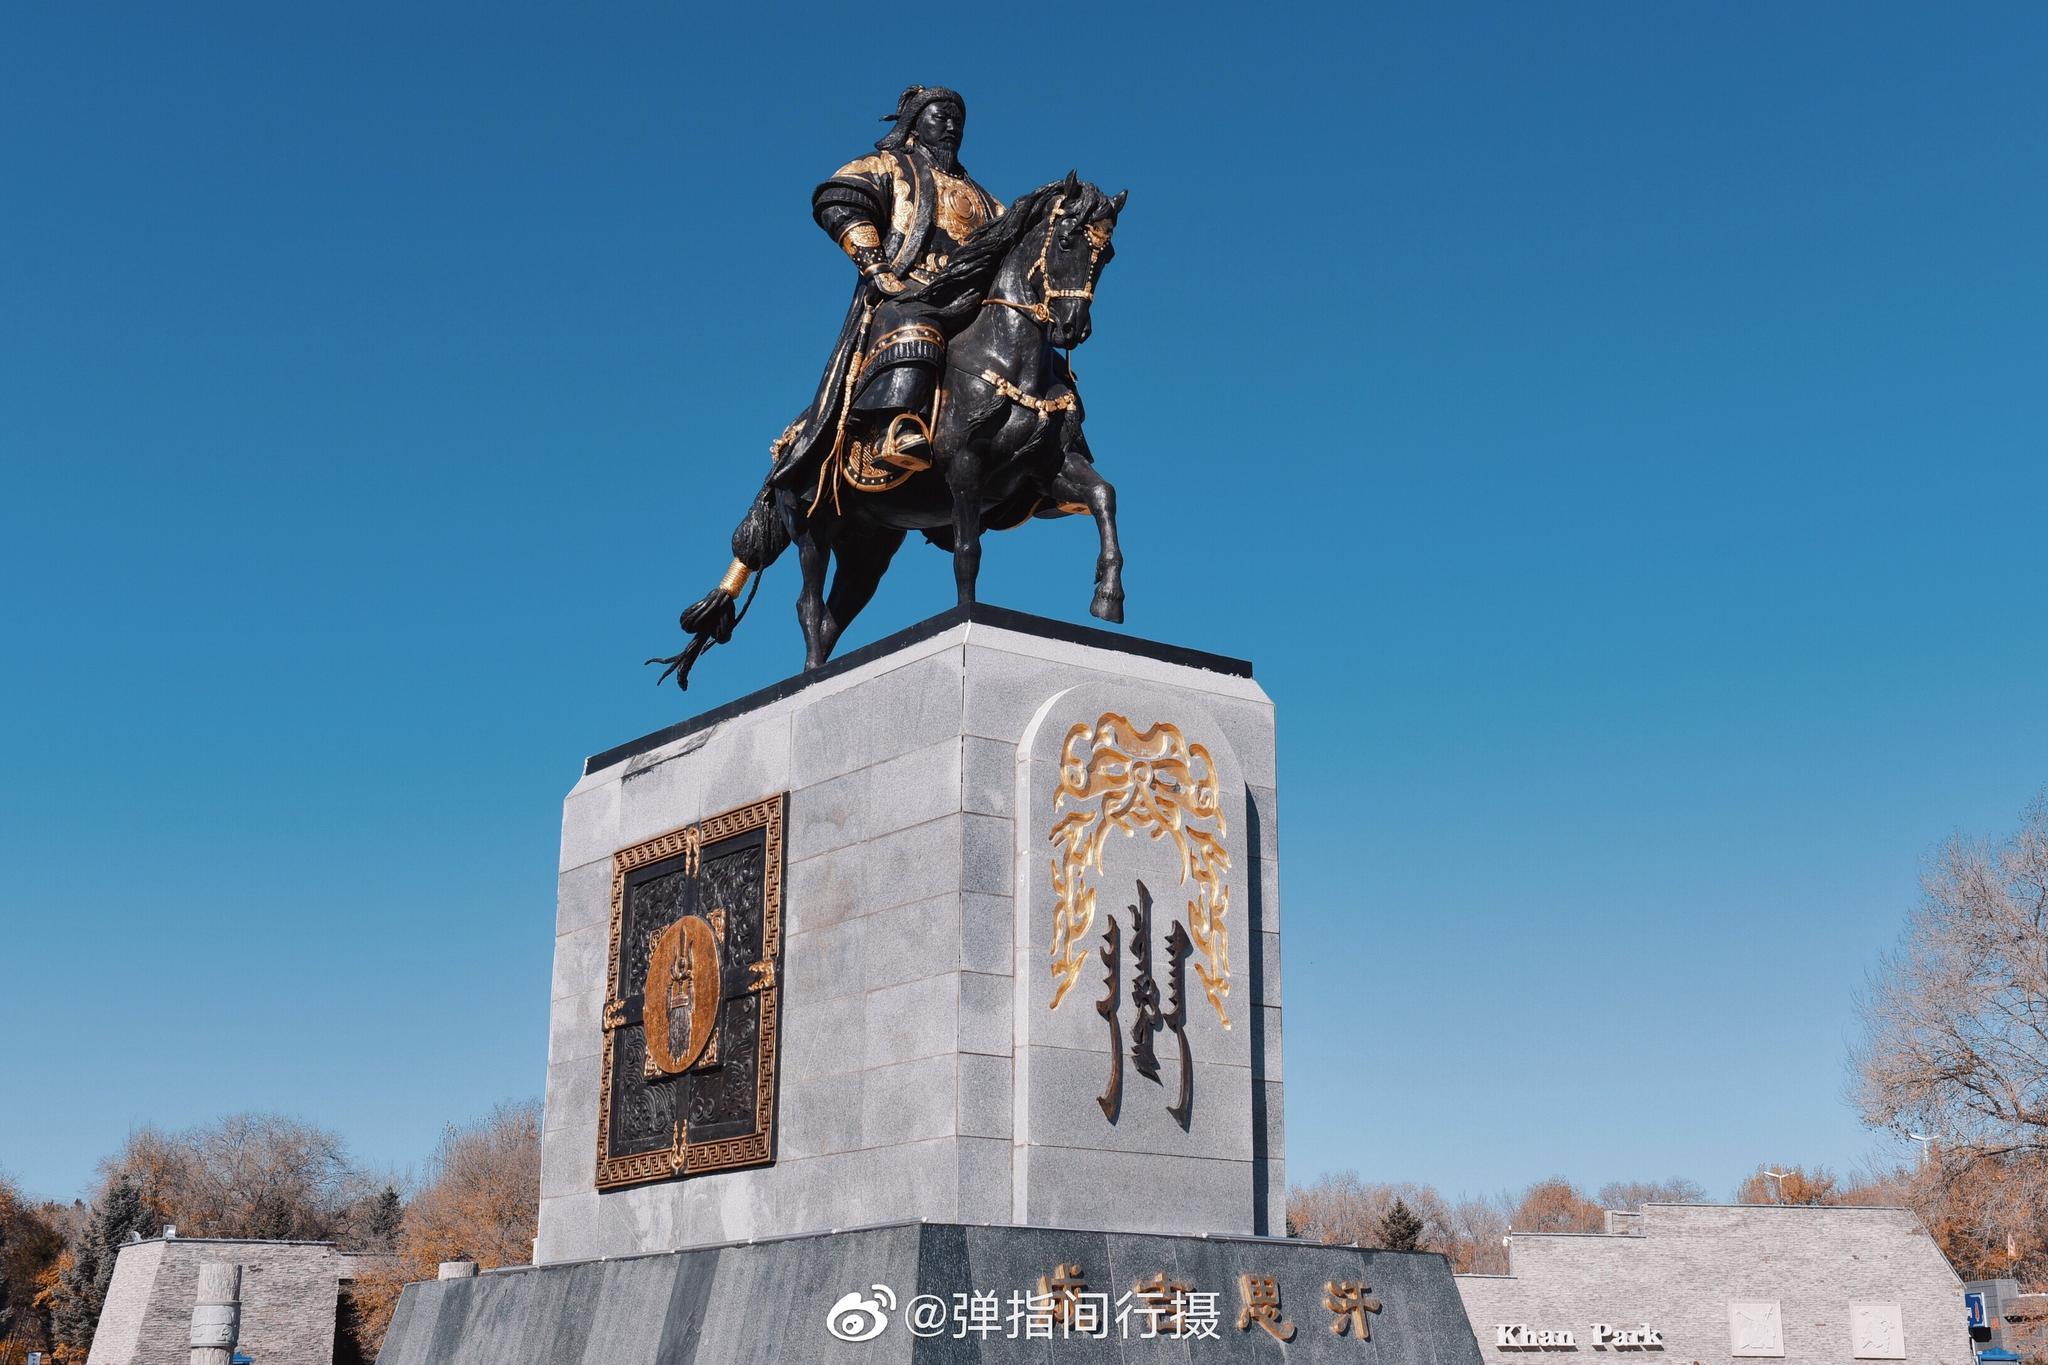 在内蒙古兴安盟乌兰浩特市区的罕山之巅,坐落着一座成吉思汗庙